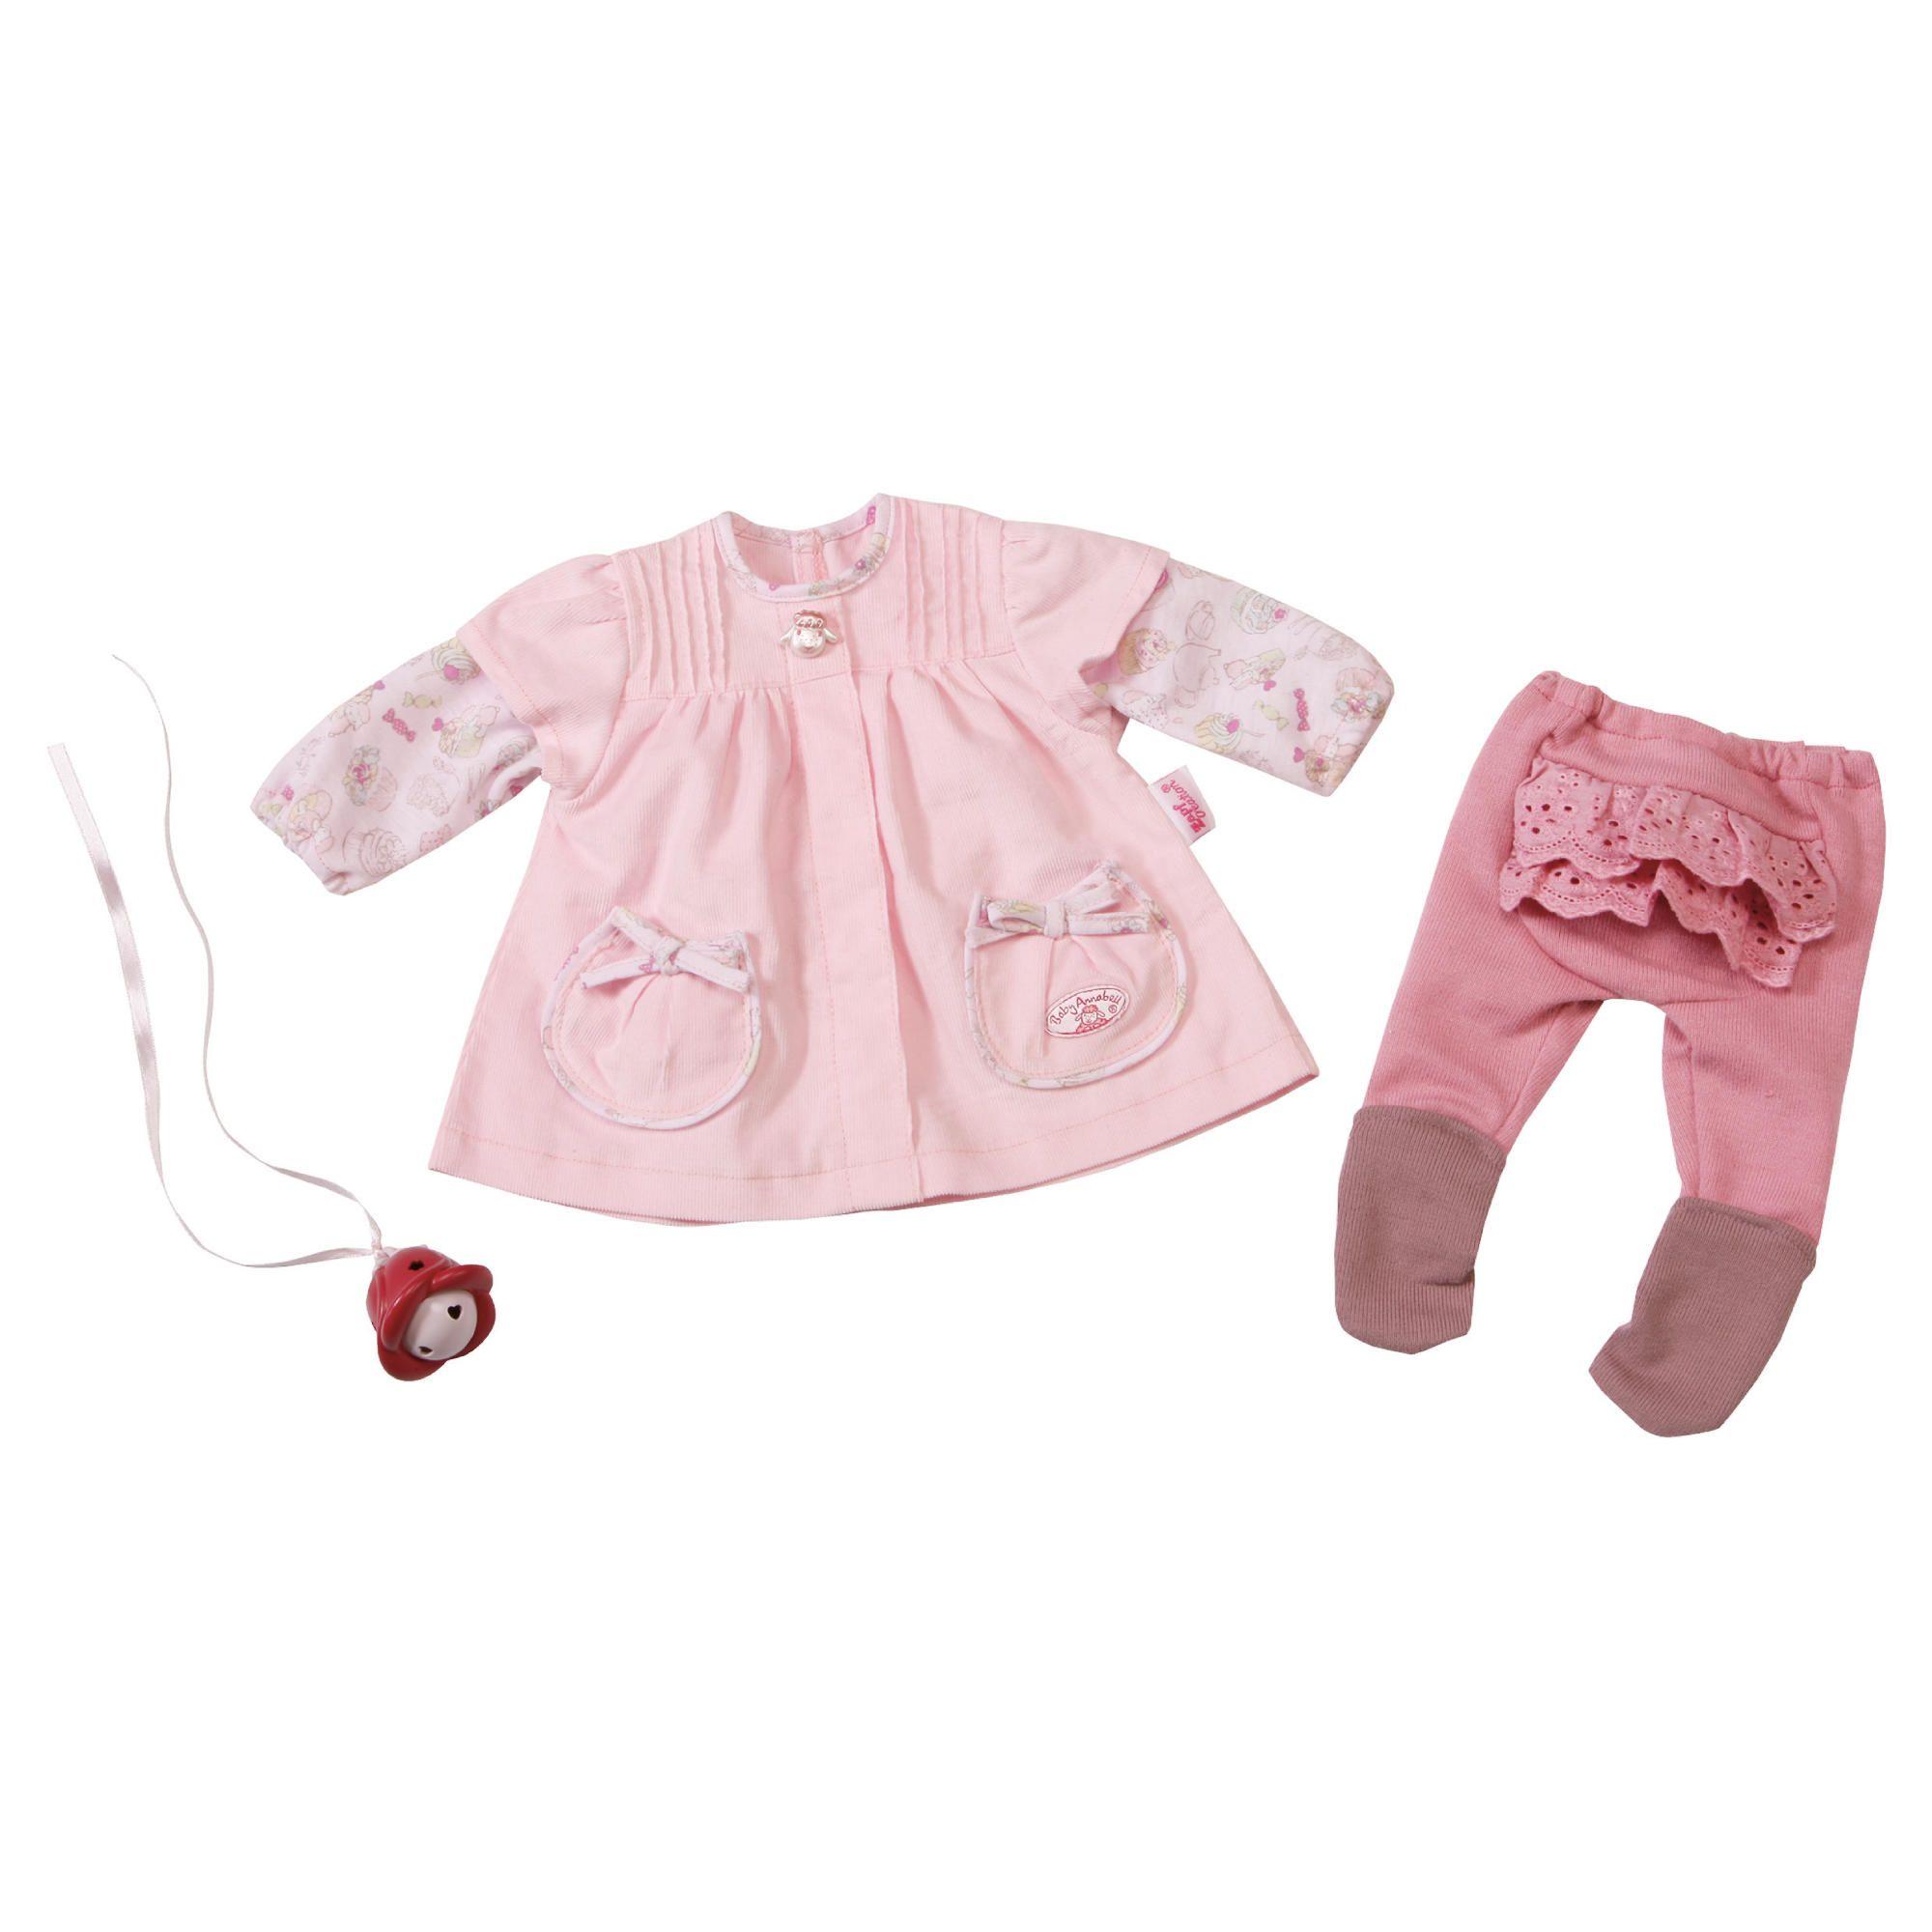 Одежда для Беби Бона девочки и мальчика: как сделать своими 31